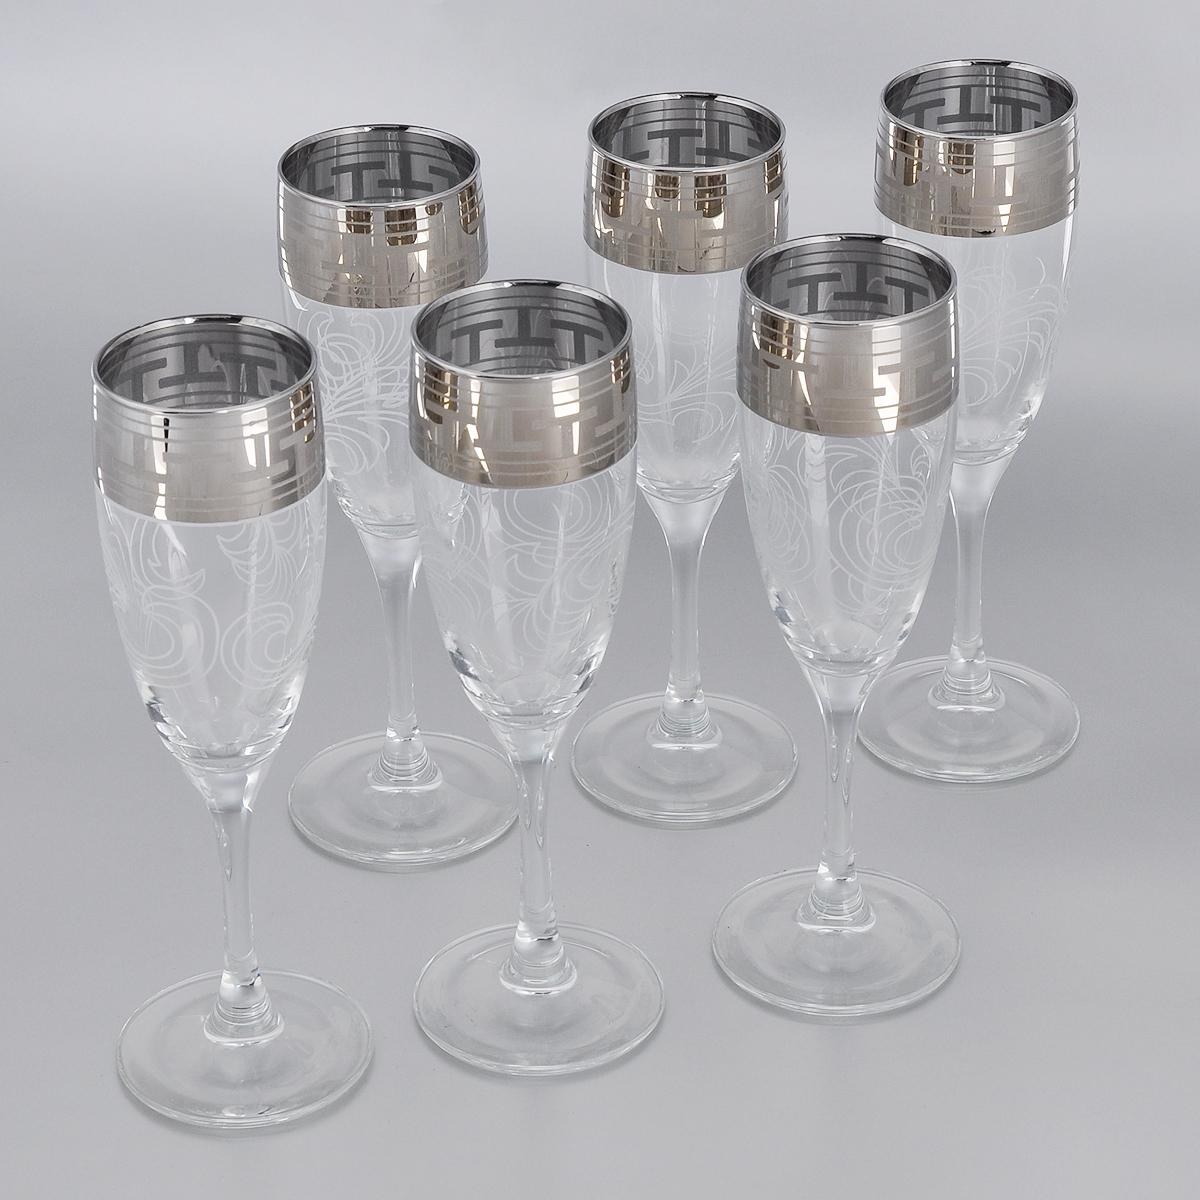 Набор бокалов Гусь-Хрустальный Греческий узор, 170 мл, 6 штVT-1520(SR)Набор Гусь-Хрустальный Греческий узор состоит из 6 бокалов на длинных тонких ножках, изготовленных из высококачественного натрий-кальций-силикатного стекла. Изделия оформлены красивым зеркальным покрытием и белым матовым орнаментом. Бокалы предназначены для шампанского или вина. Такой набор прекрасно дополнит праздничный стол и станет желанным подарком в любом доме. Разрешается мыть в посудомоечной машине. Диаметр бокала (по верхнему краю): 5 см. Высота бокала: 19 см.